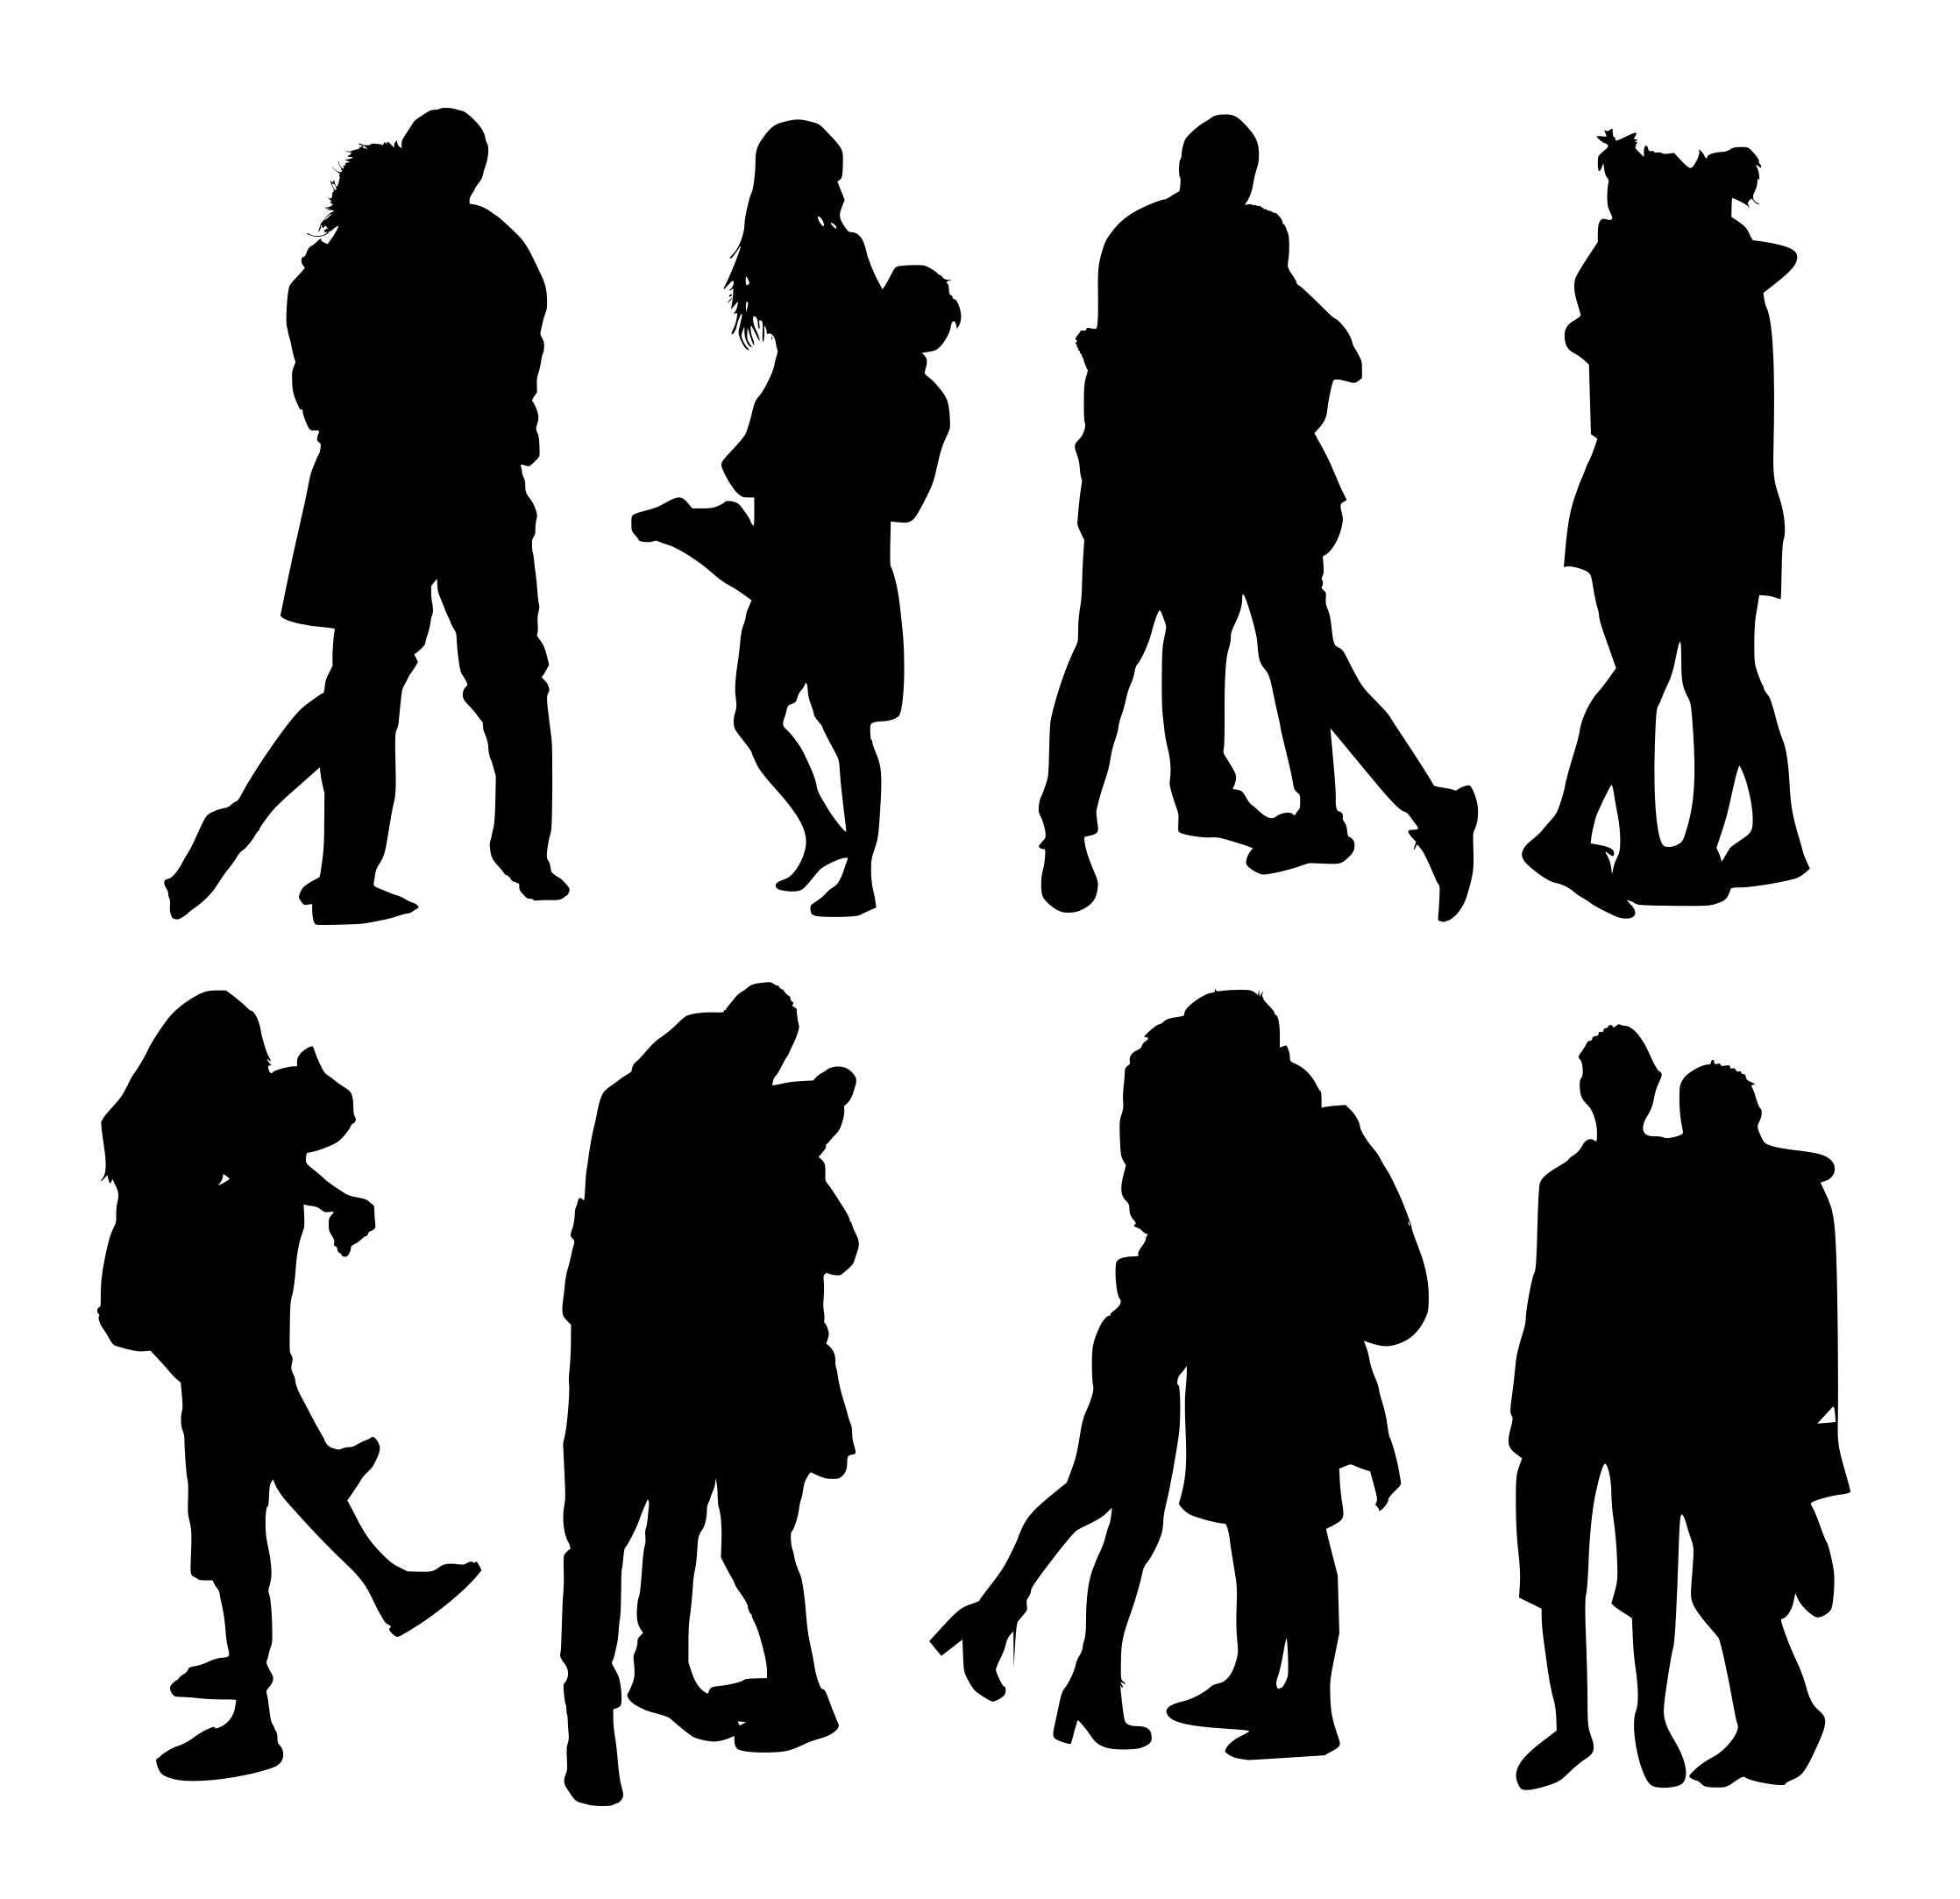 8-people-hugging-silhouette-cover.jpg